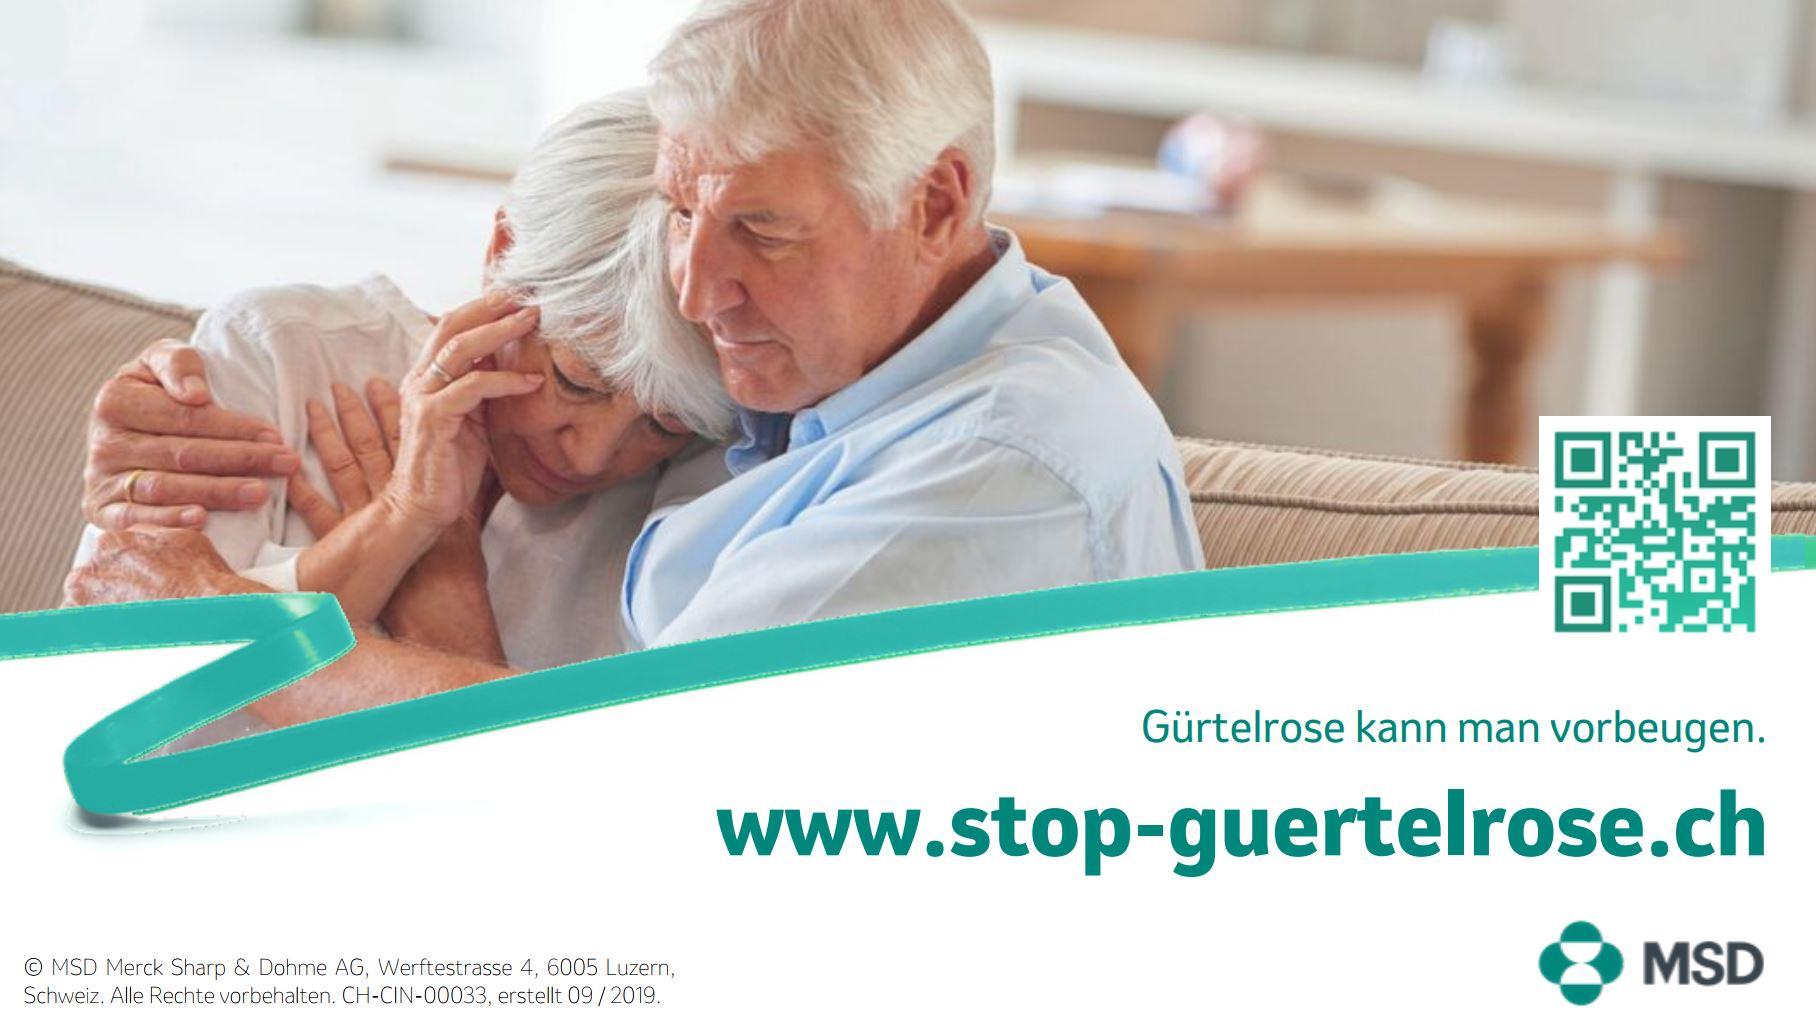 Visitenkarten zu www.stop-guertelrose.ch